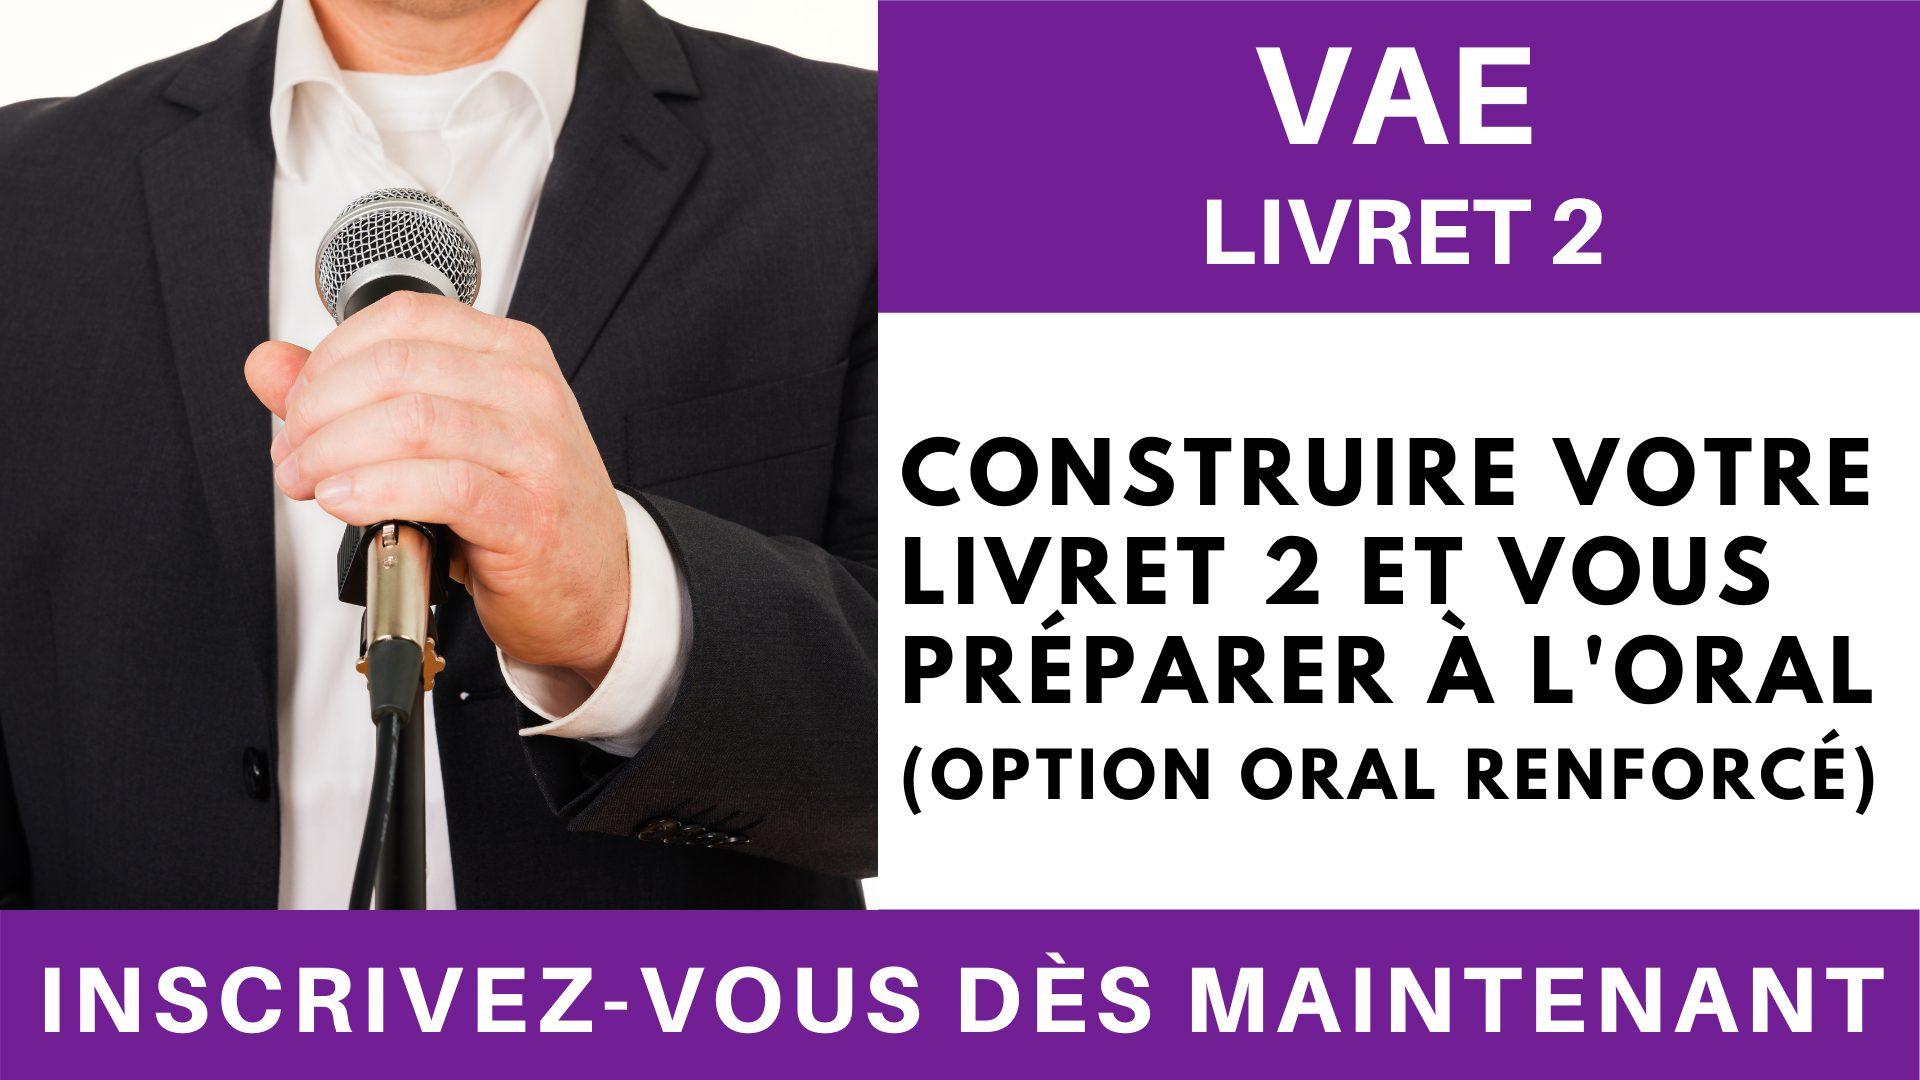 VAE Livret 2 - Construire votre Livret 2 et vous préparer à l'oral (option oral renforcé) (4)